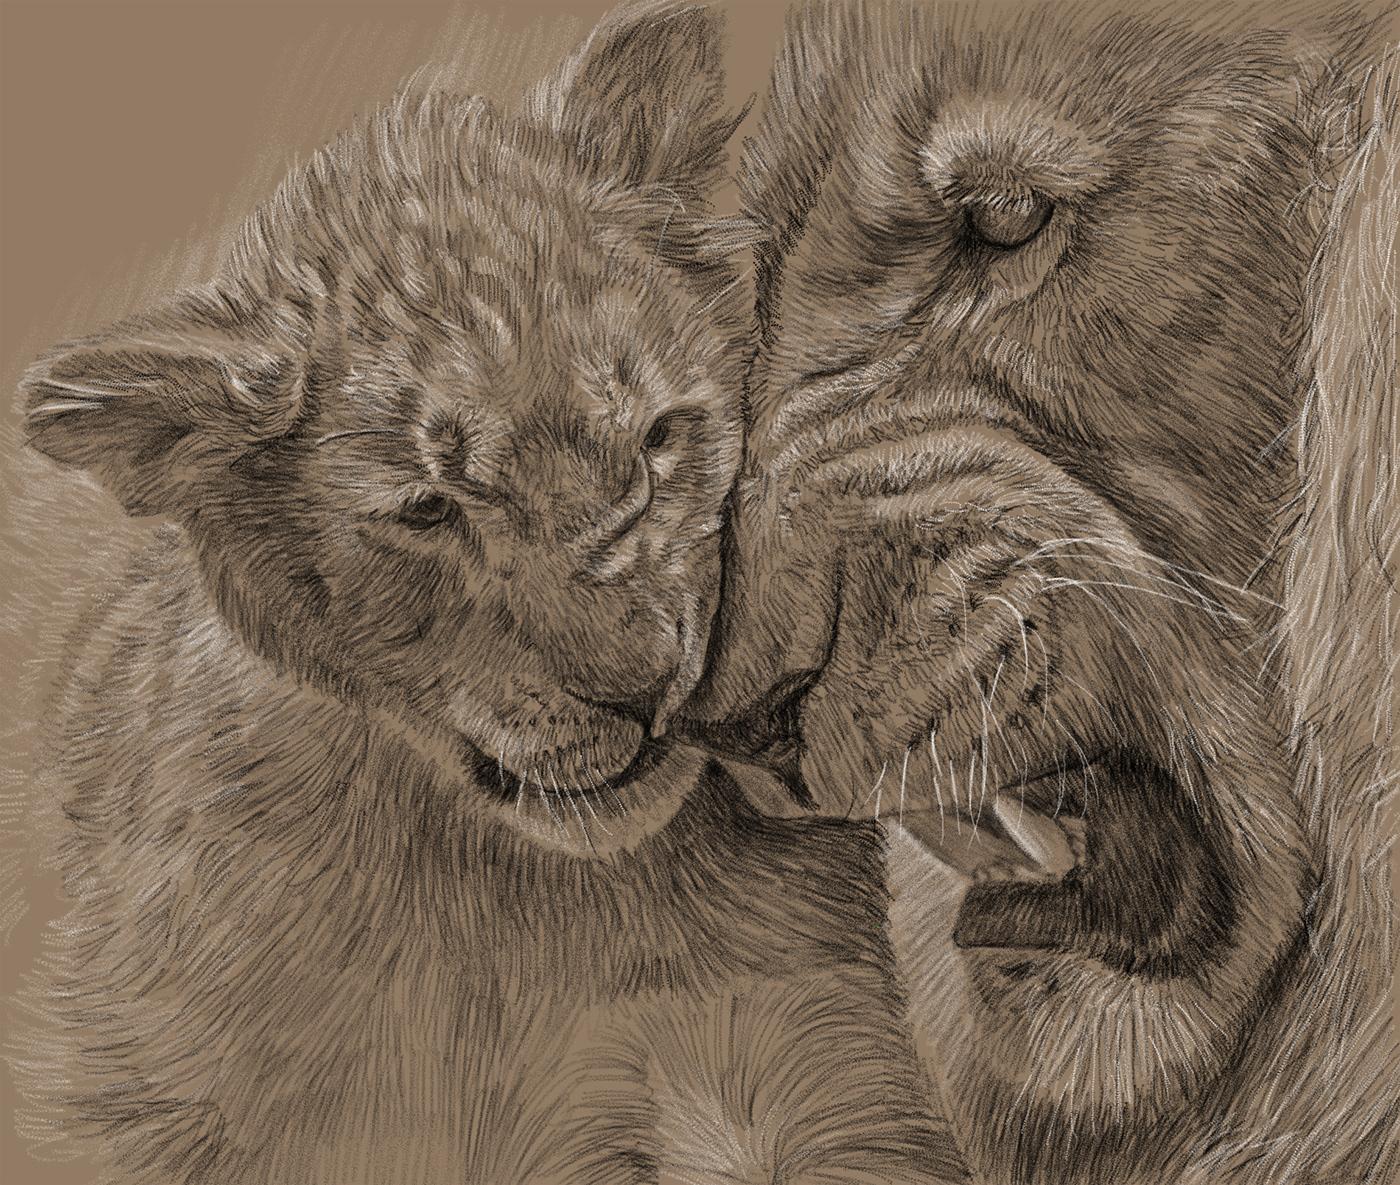 Image may contain: animal, mammal and big cat